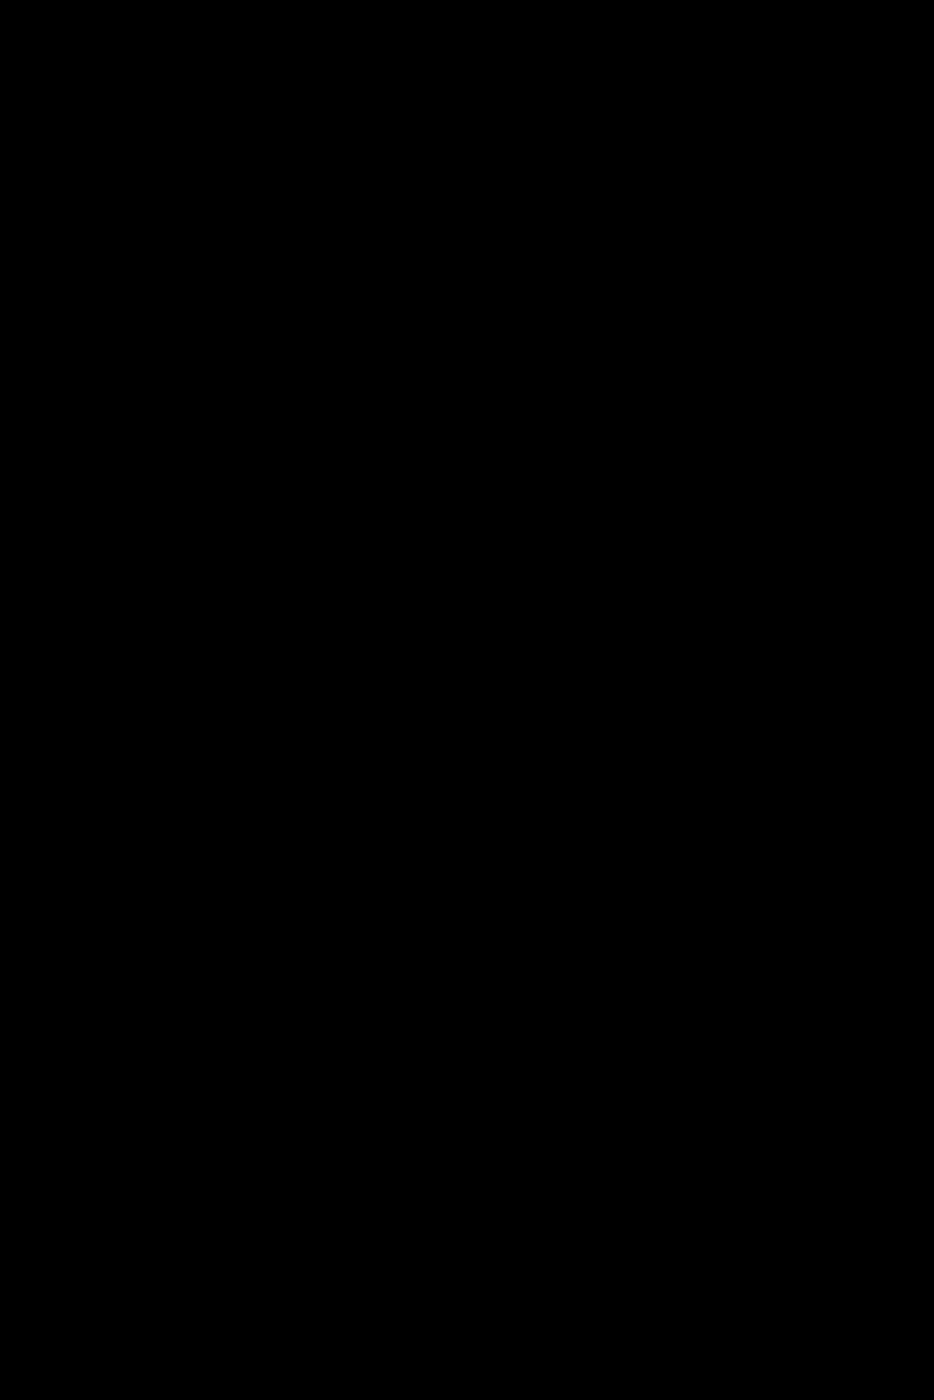 Palton gri cu guler de blană artificială